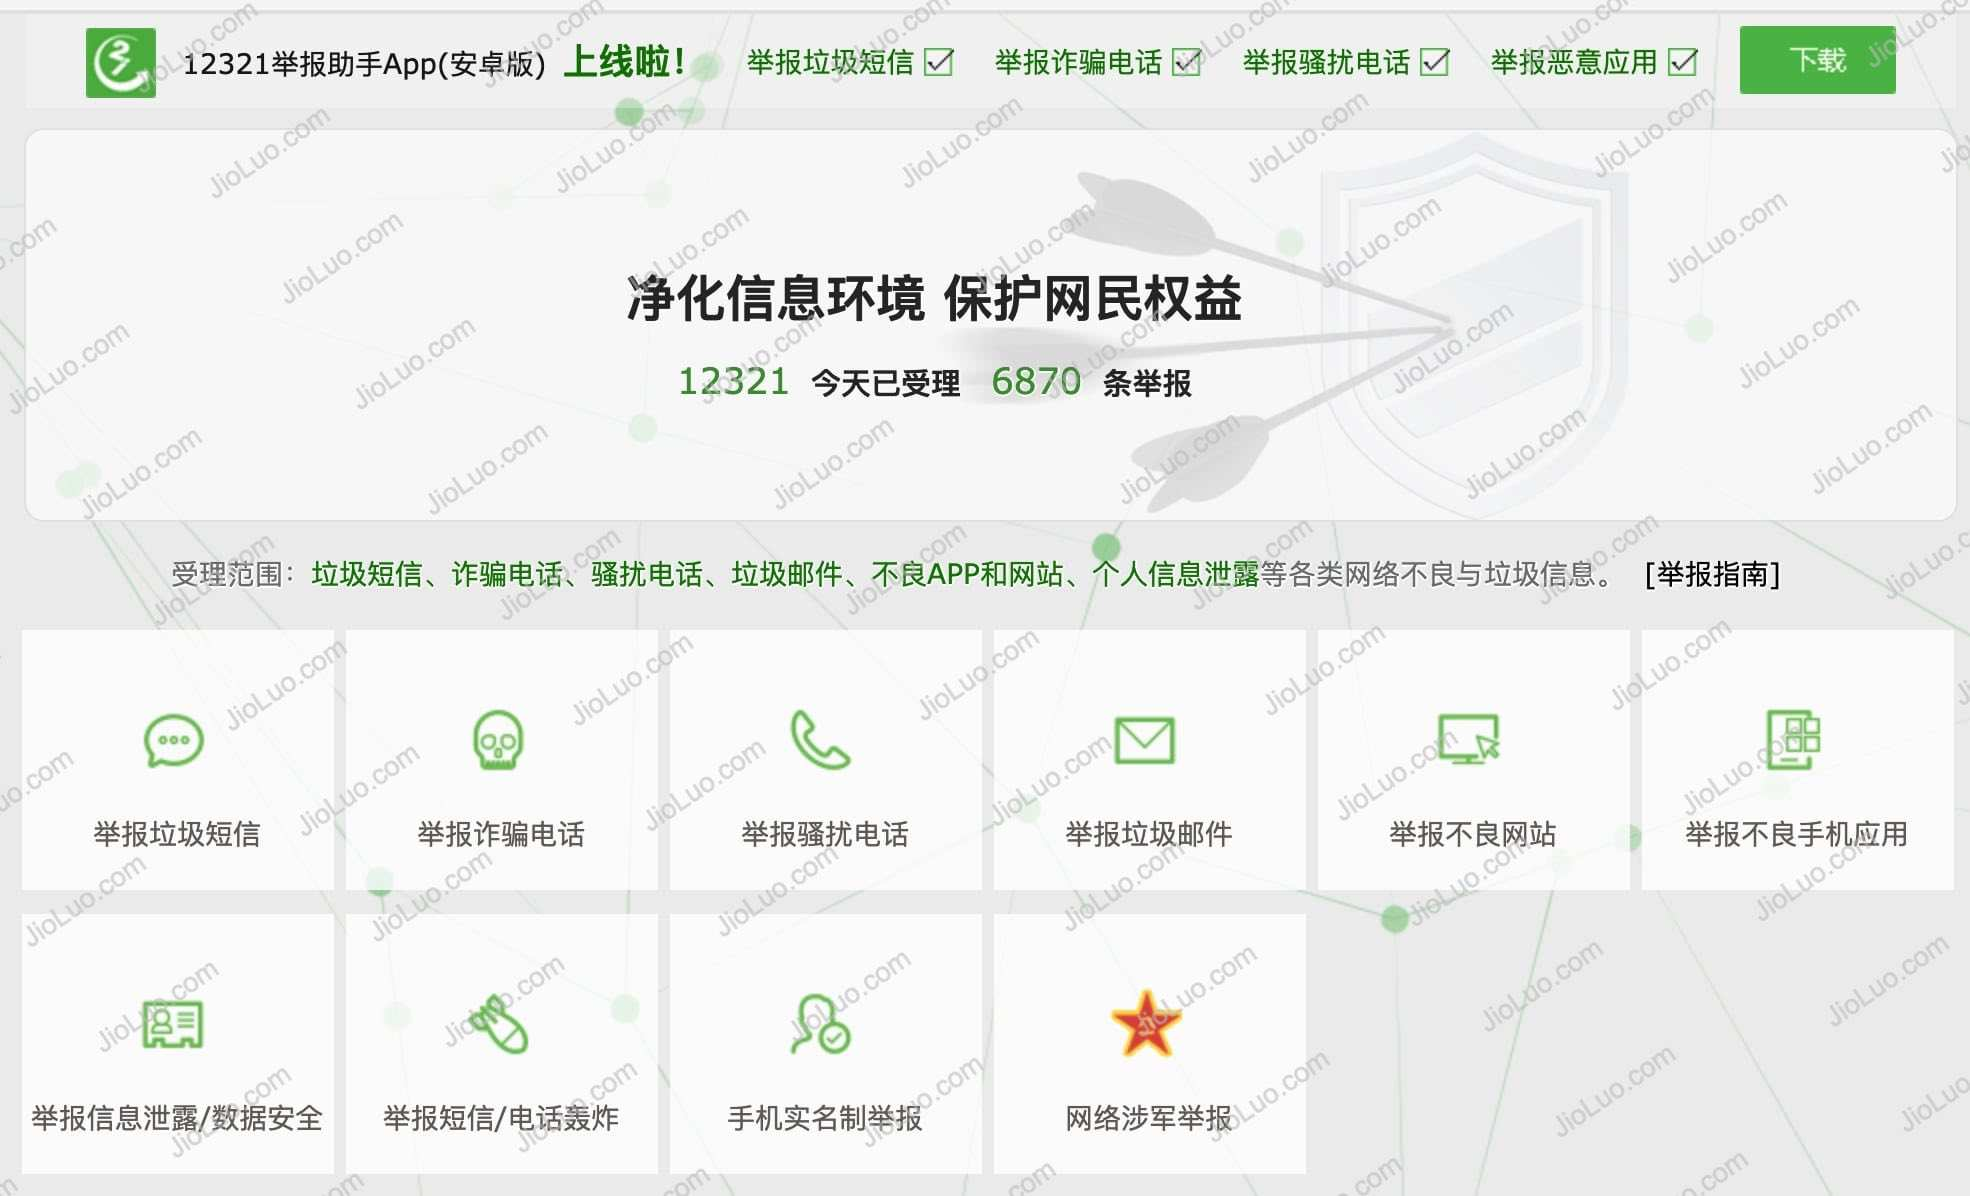 网站 | 12321网络不良与垃圾信息举报受理中心插图1